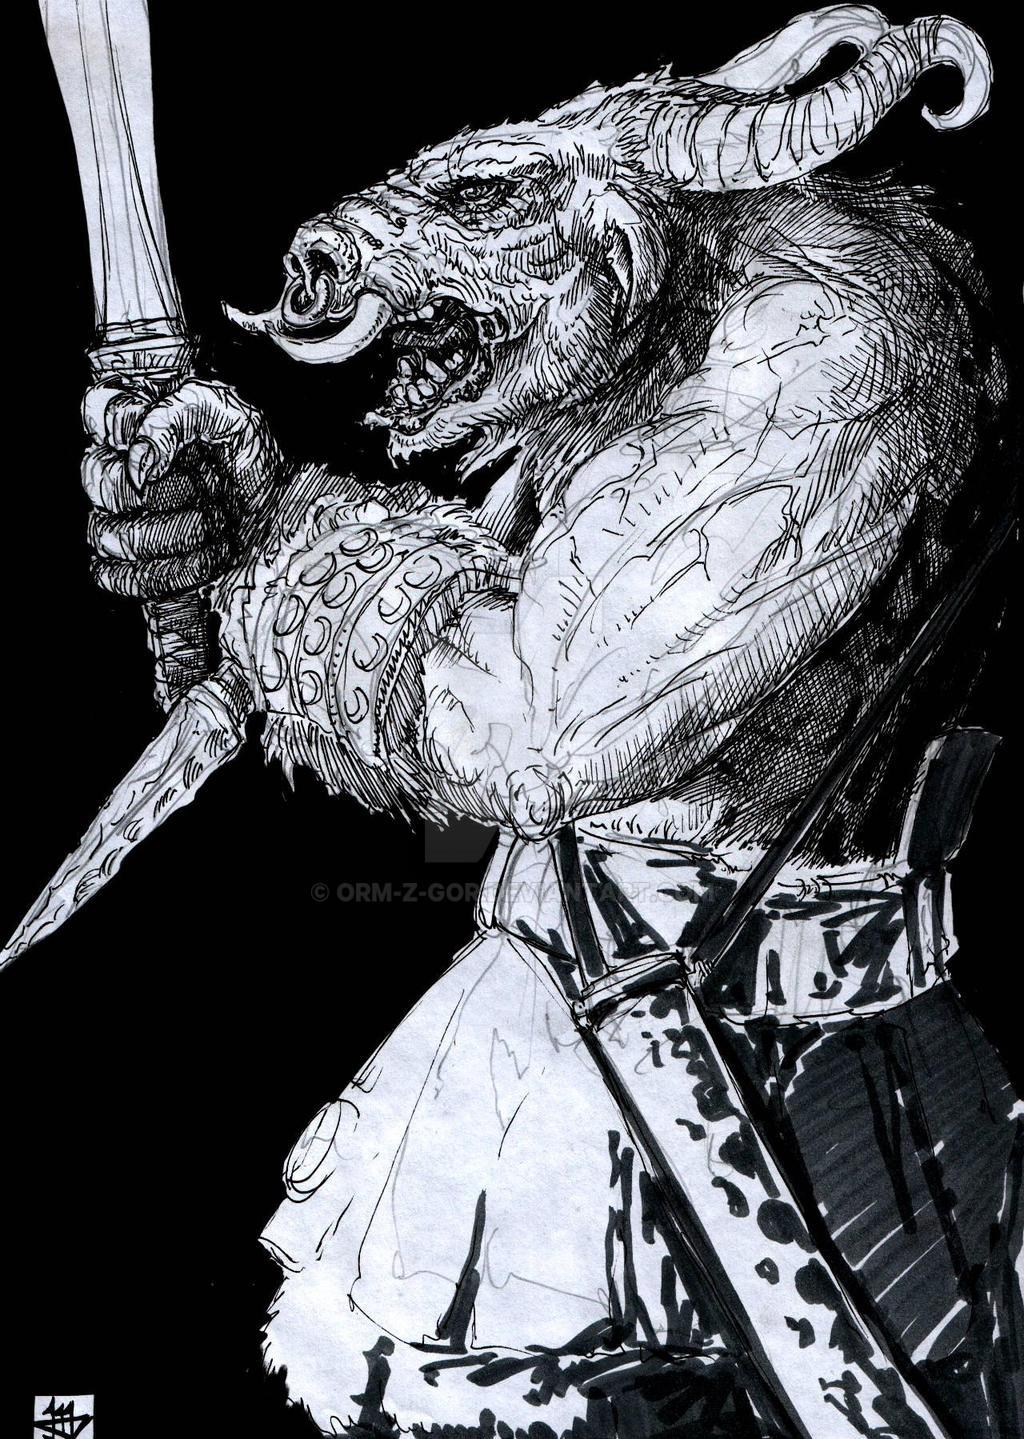 Satyr II by Orm-Z-Gor